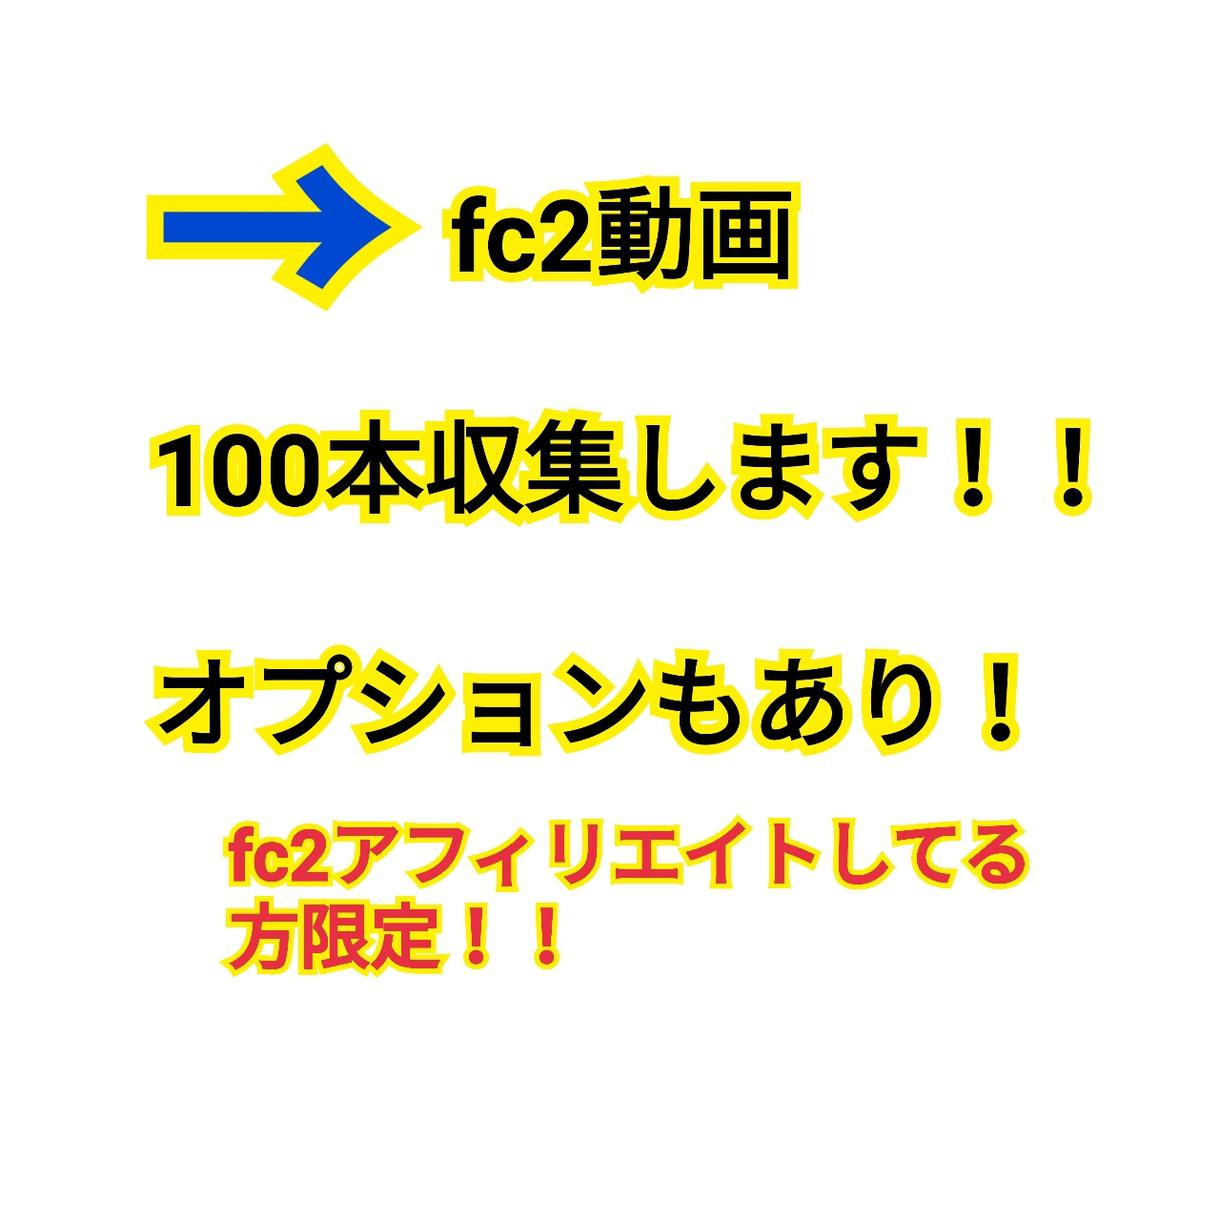 fc2動画の収集を100本します fc2動画アフィリエイトされてる方限定。